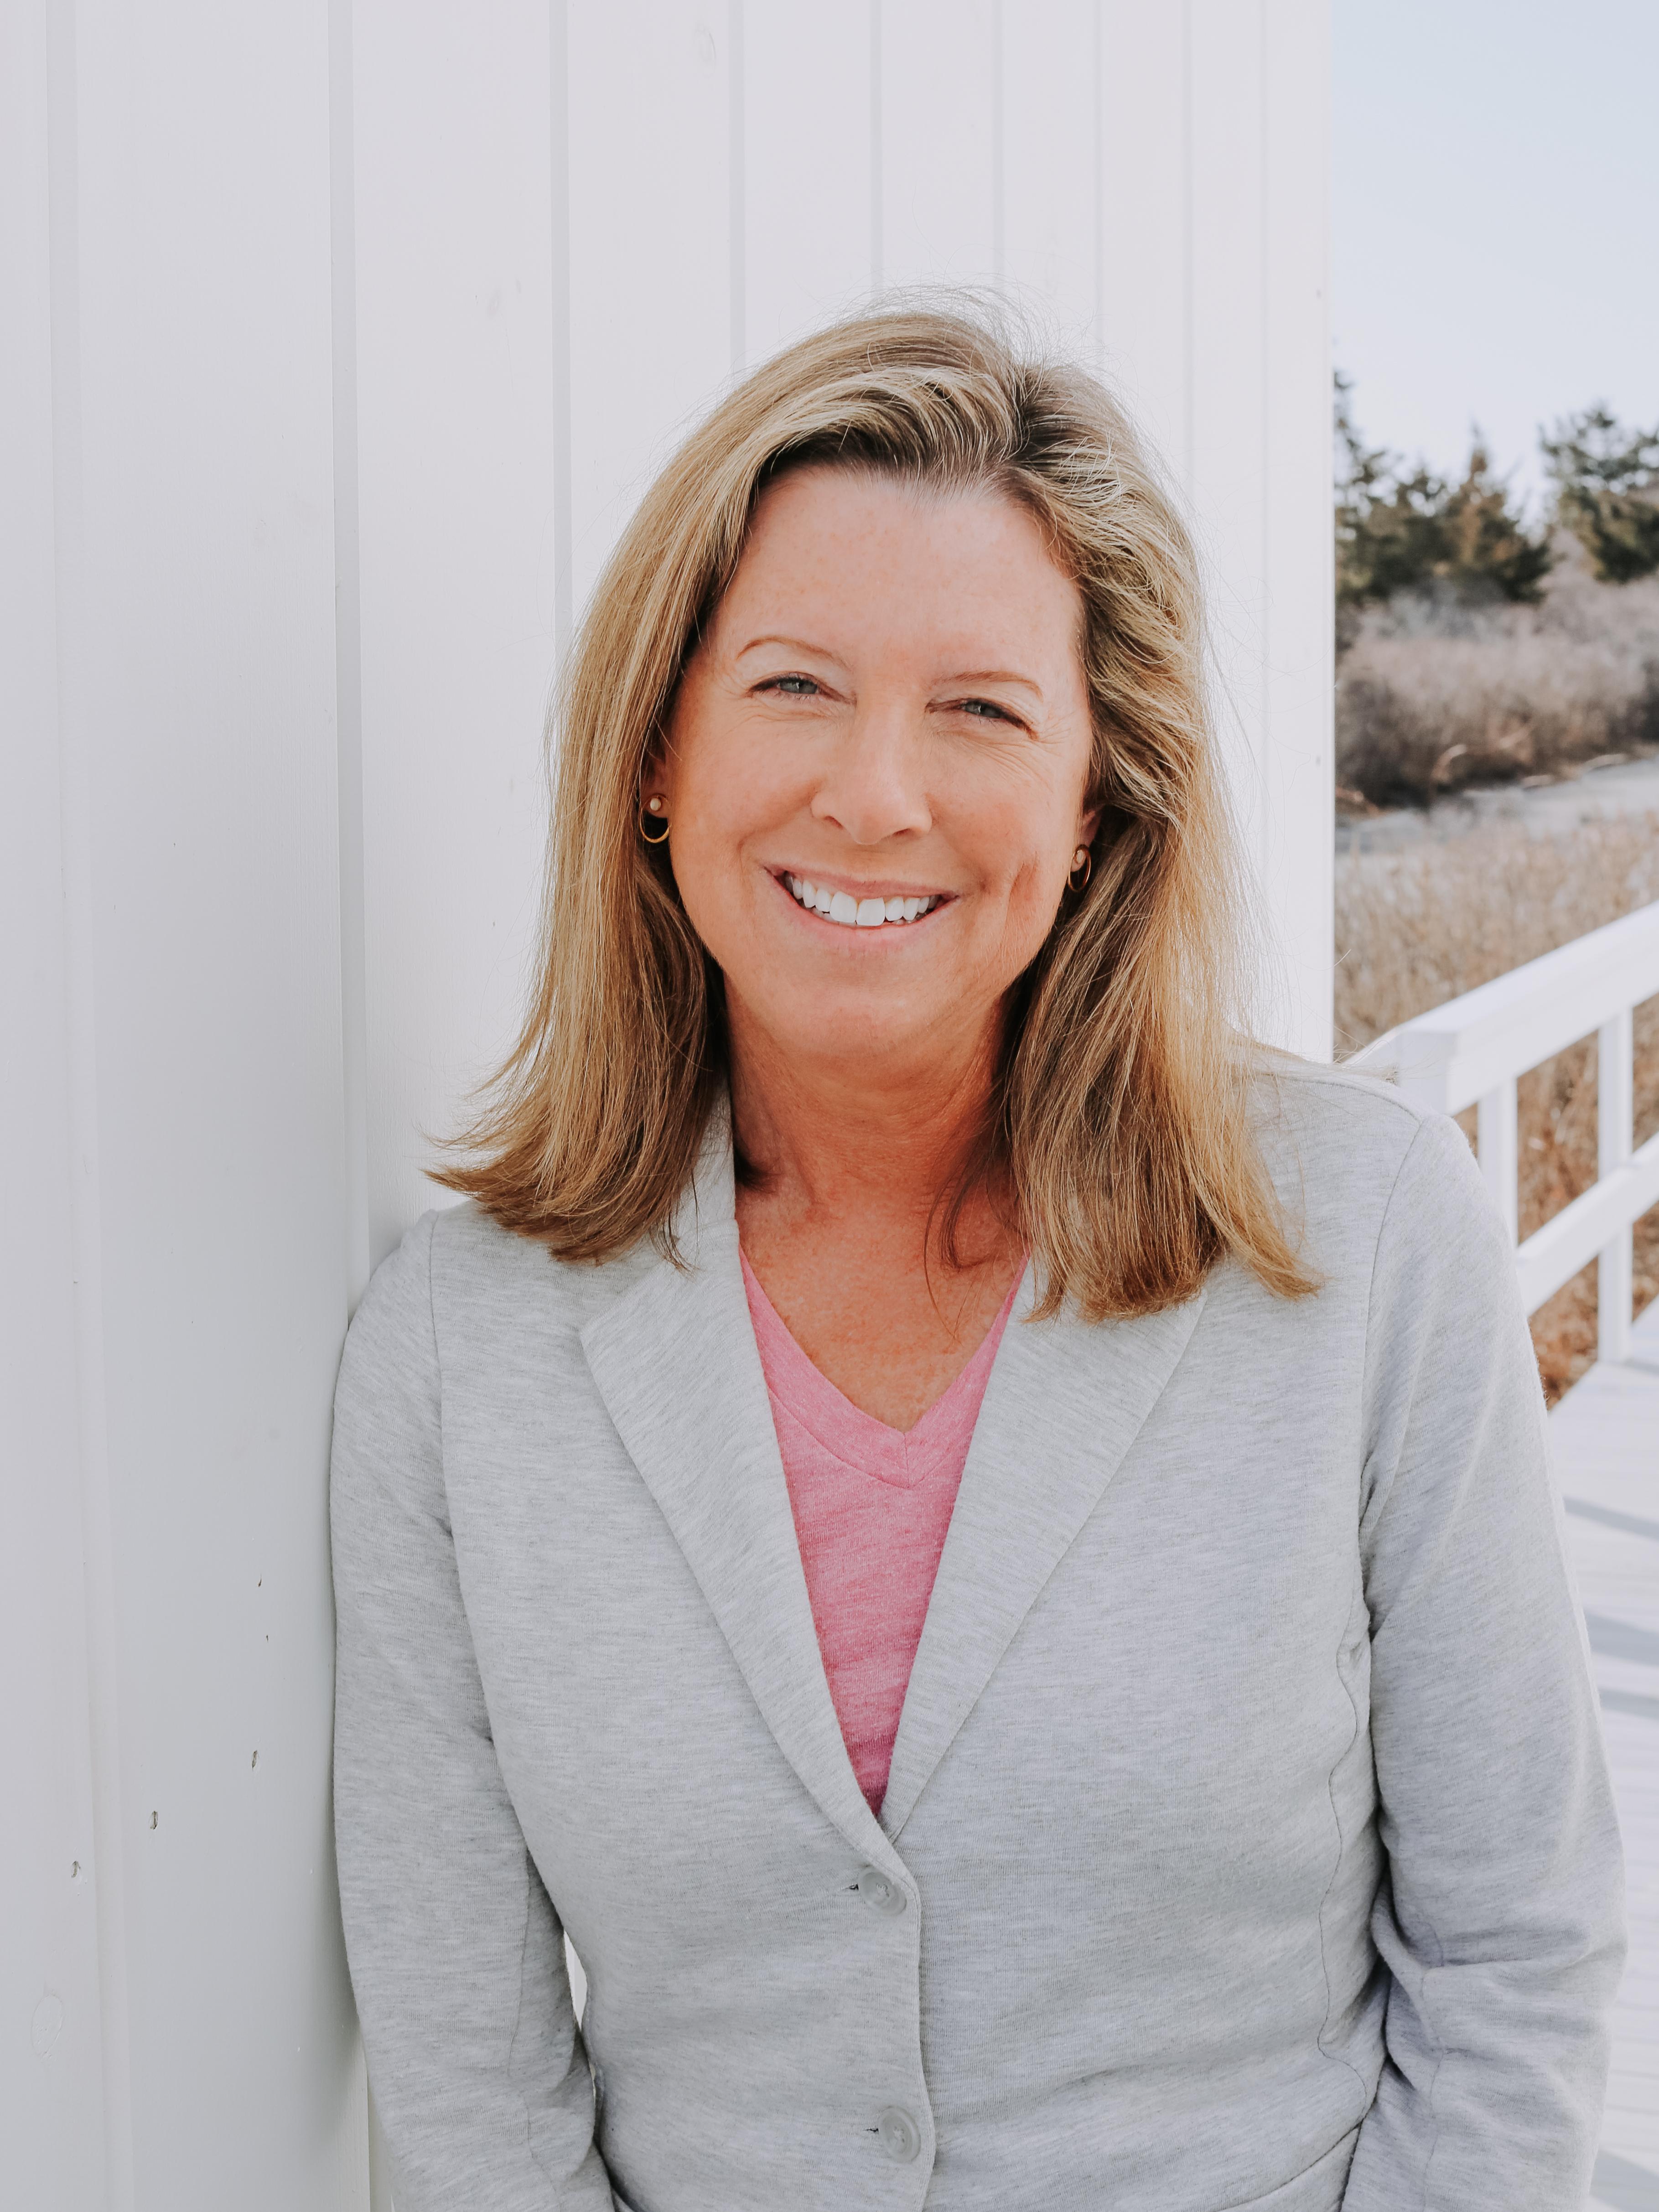 Whitney Bauer